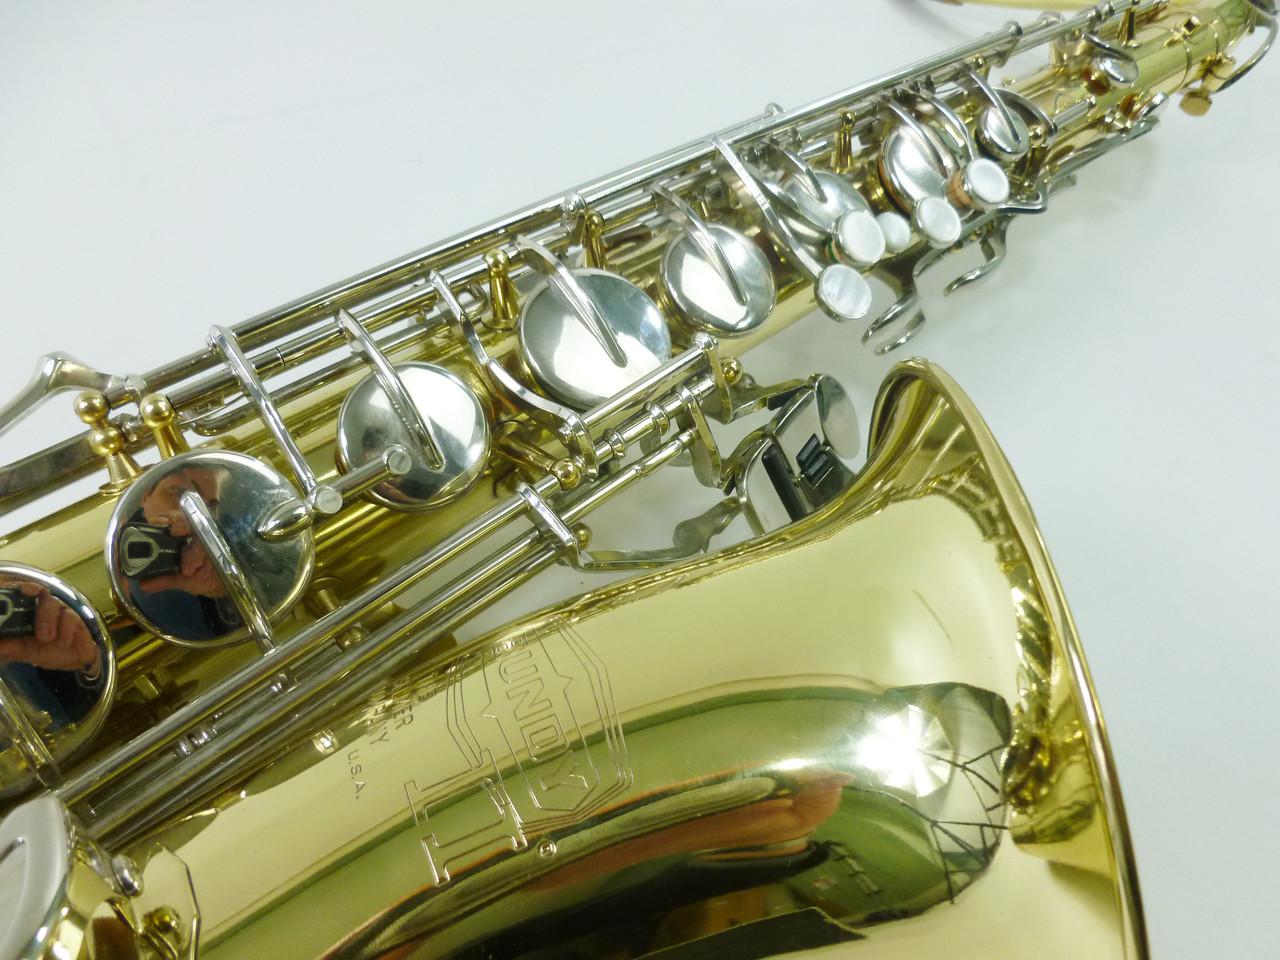 Selmer Bundy II Tenor Saxophone - Refurbished 5